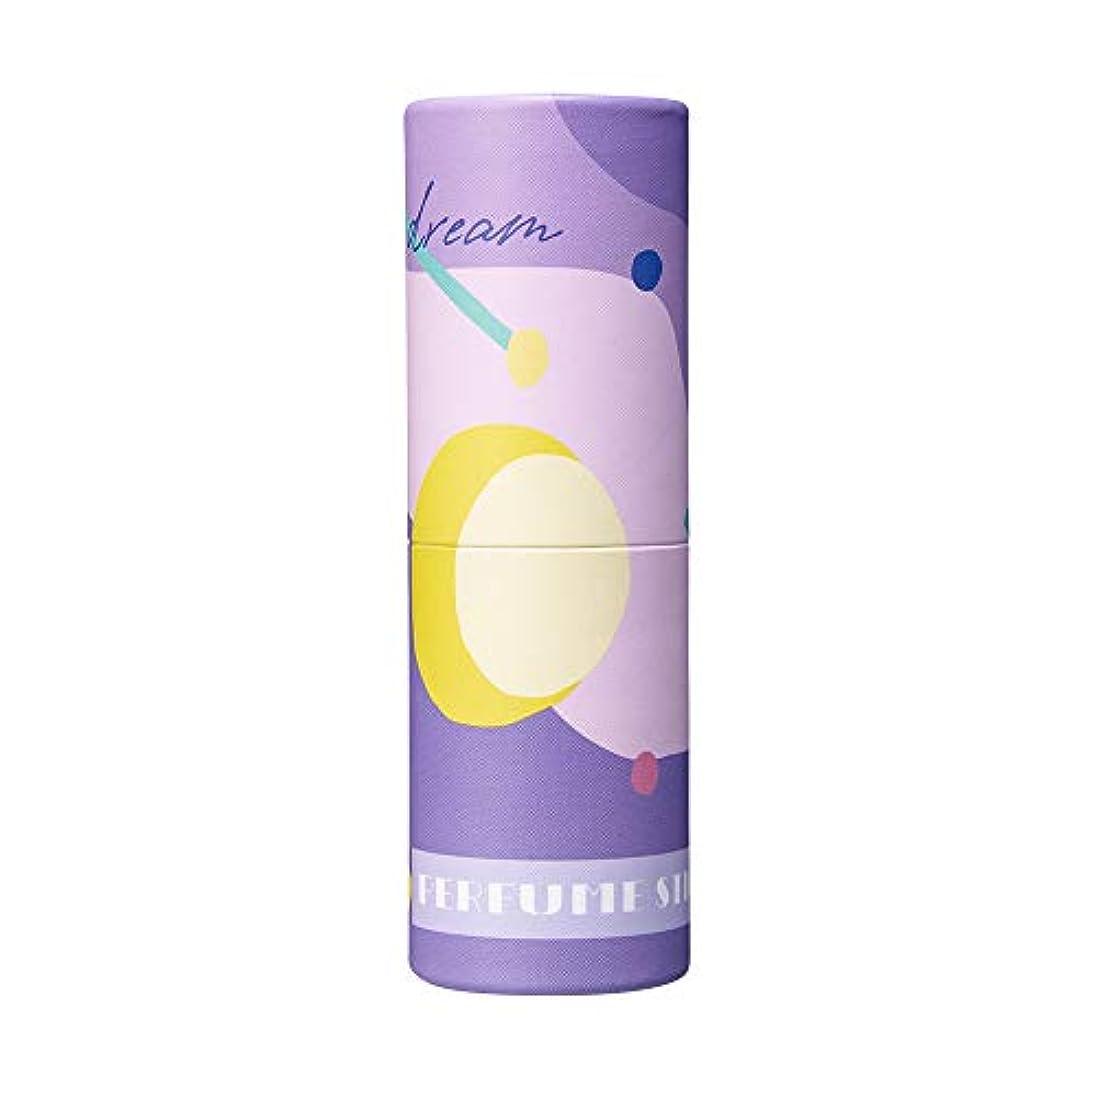 暴君ホールドセブンパフュームスティック ドリーム ペア&ピーチの香り オリジナルデザイン 5g